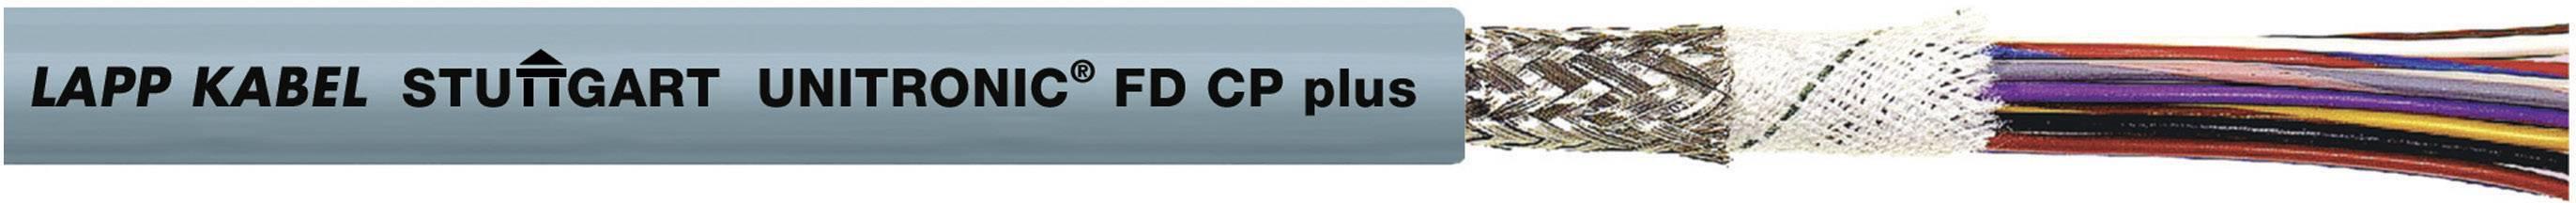 Datový kabel LappKabel UNITRONIC FD CP PLUS 14X0,34 (0028904), 14x 0,34 mm², Ø 9,2 mm, stíněný, 100 m, šedá